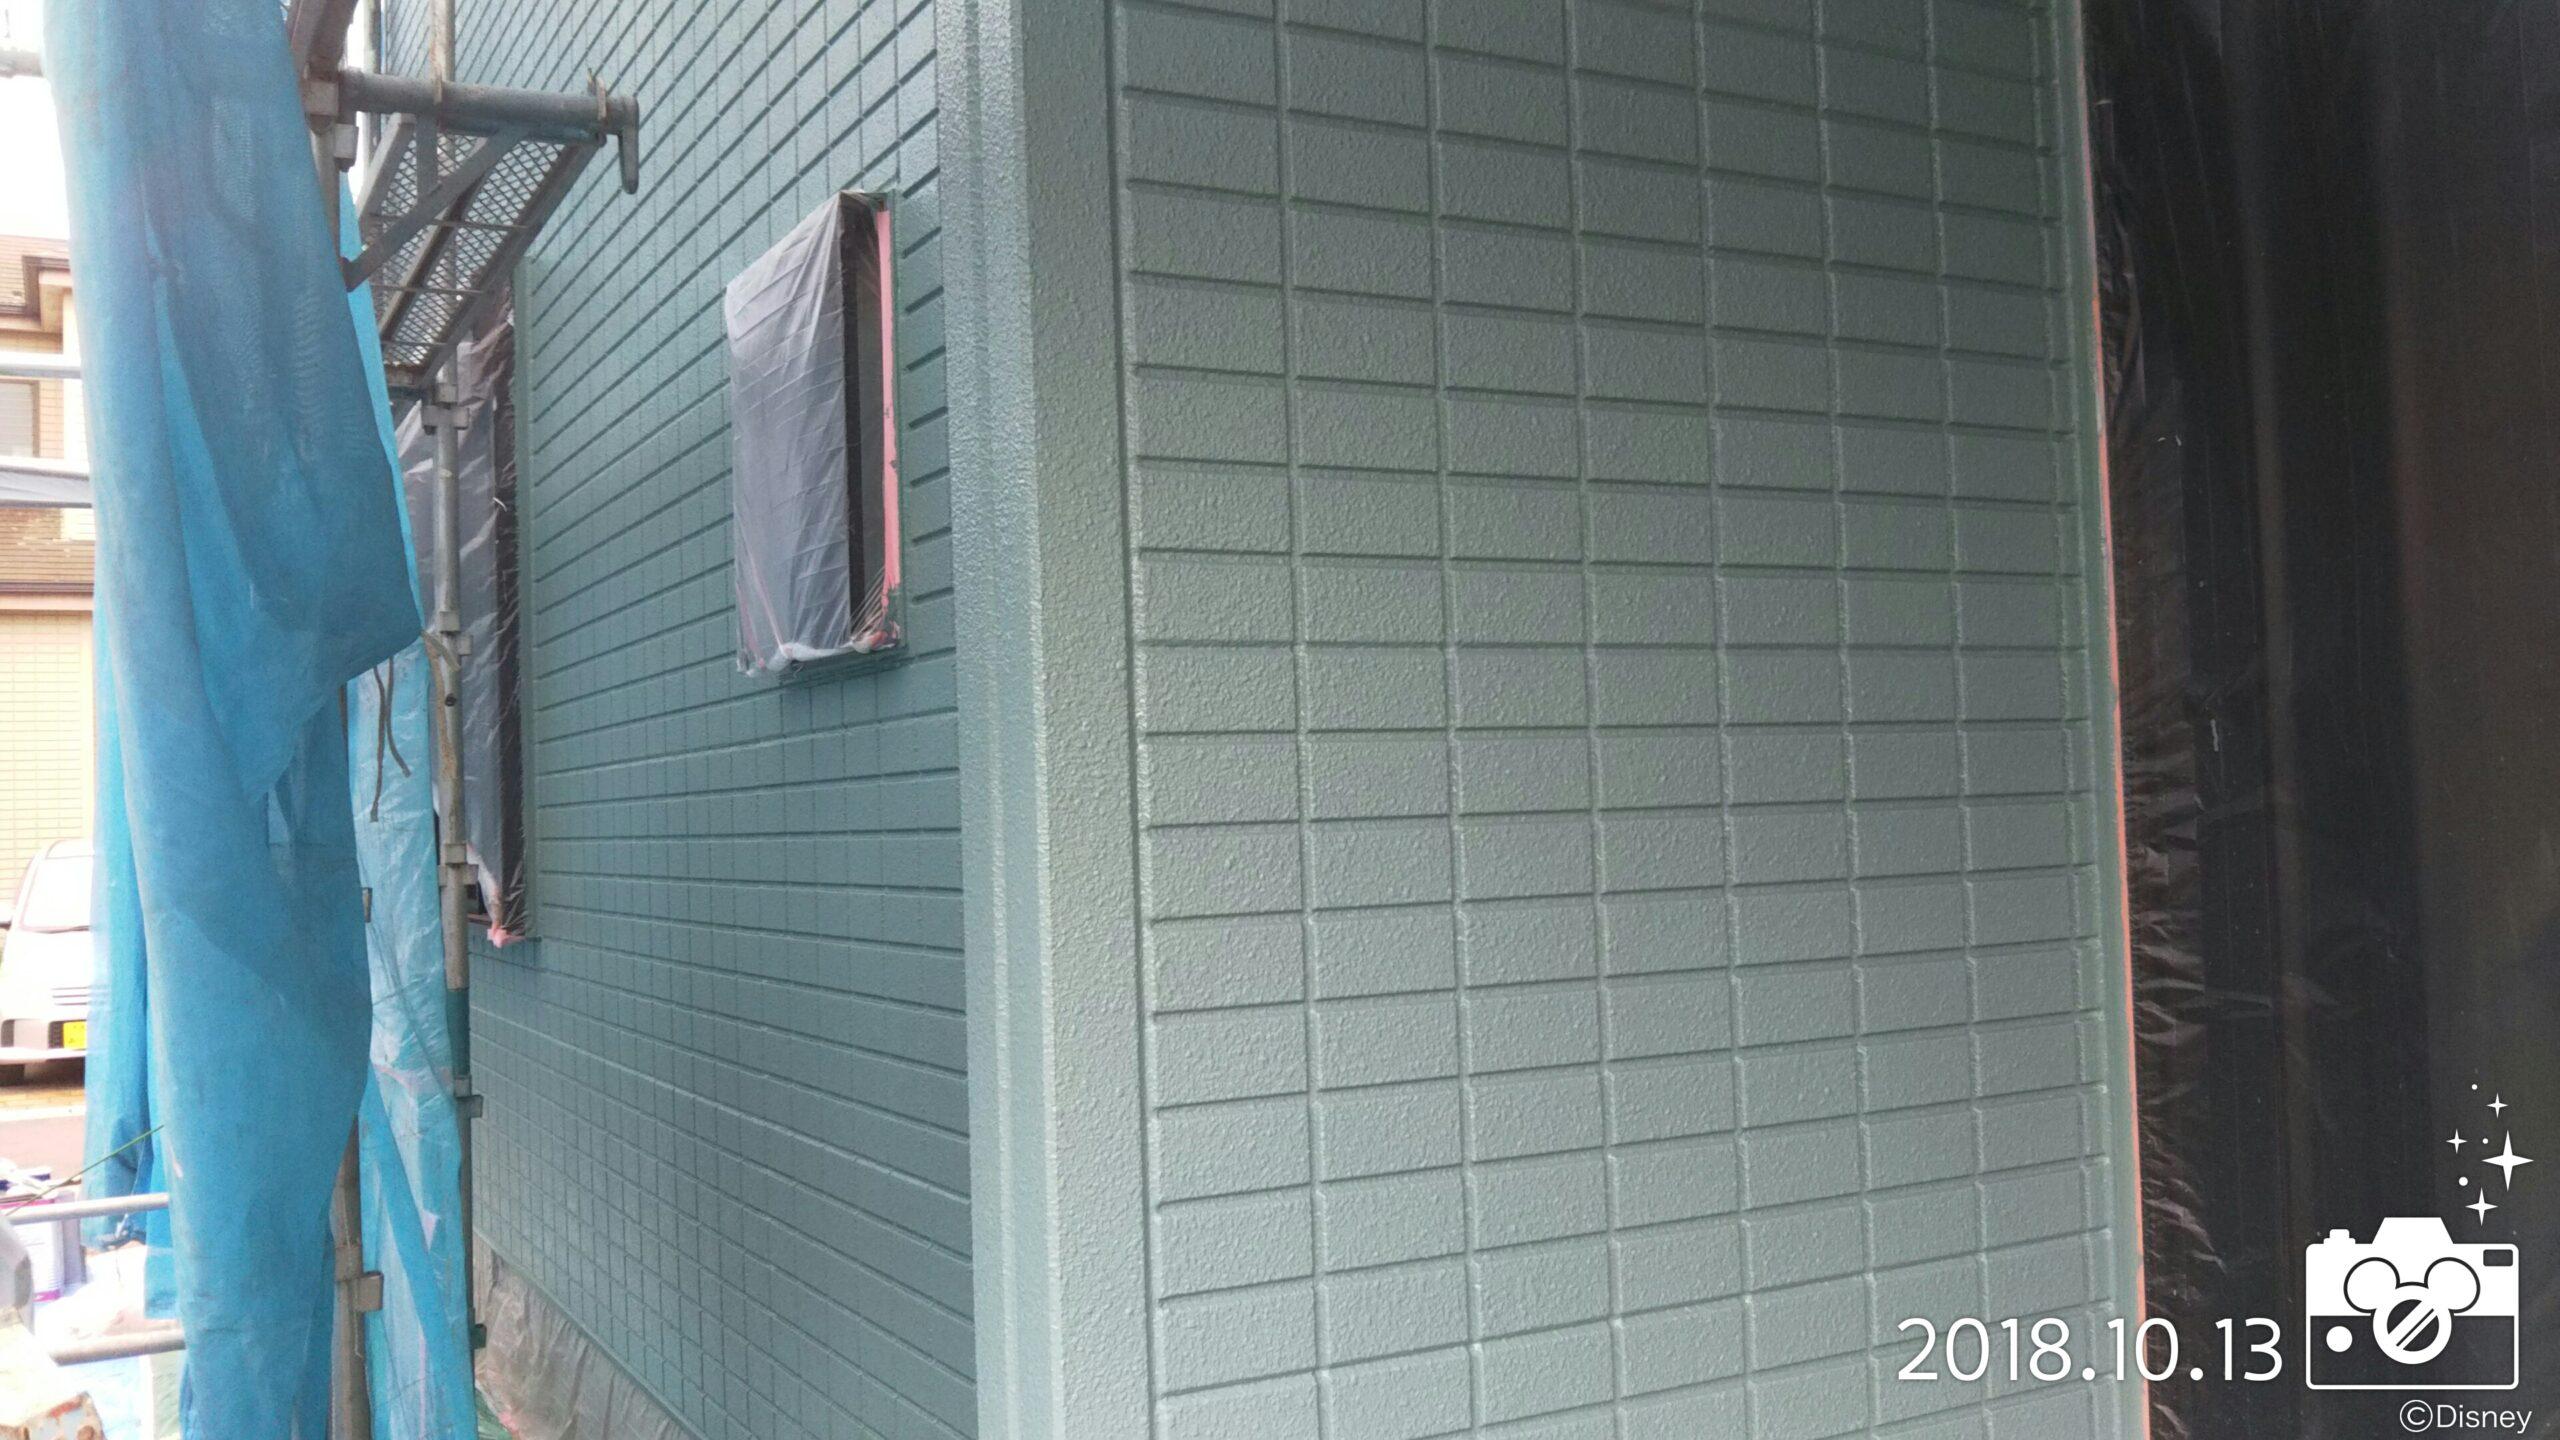 埼玉県さいたま市 外壁中塗り塗装・屋根下塗り塗装|さいたま市岩槻区の木造2階建てのM様邸にて塗り替えリフォーム中